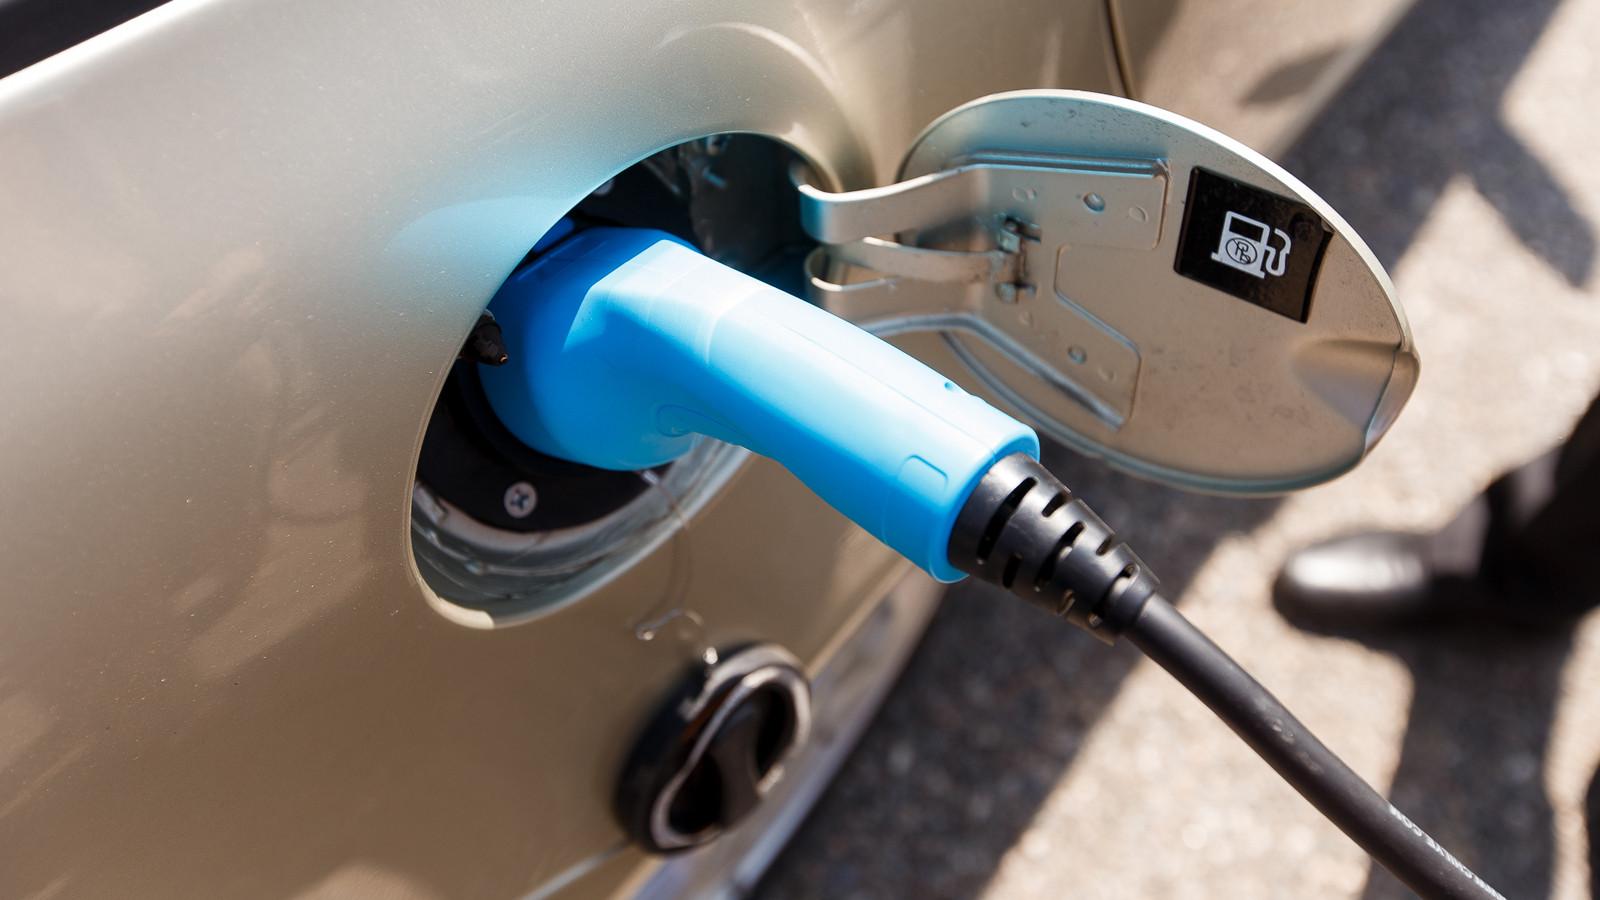 Требования кпунктам зарядки электромобилей разработают в РФ